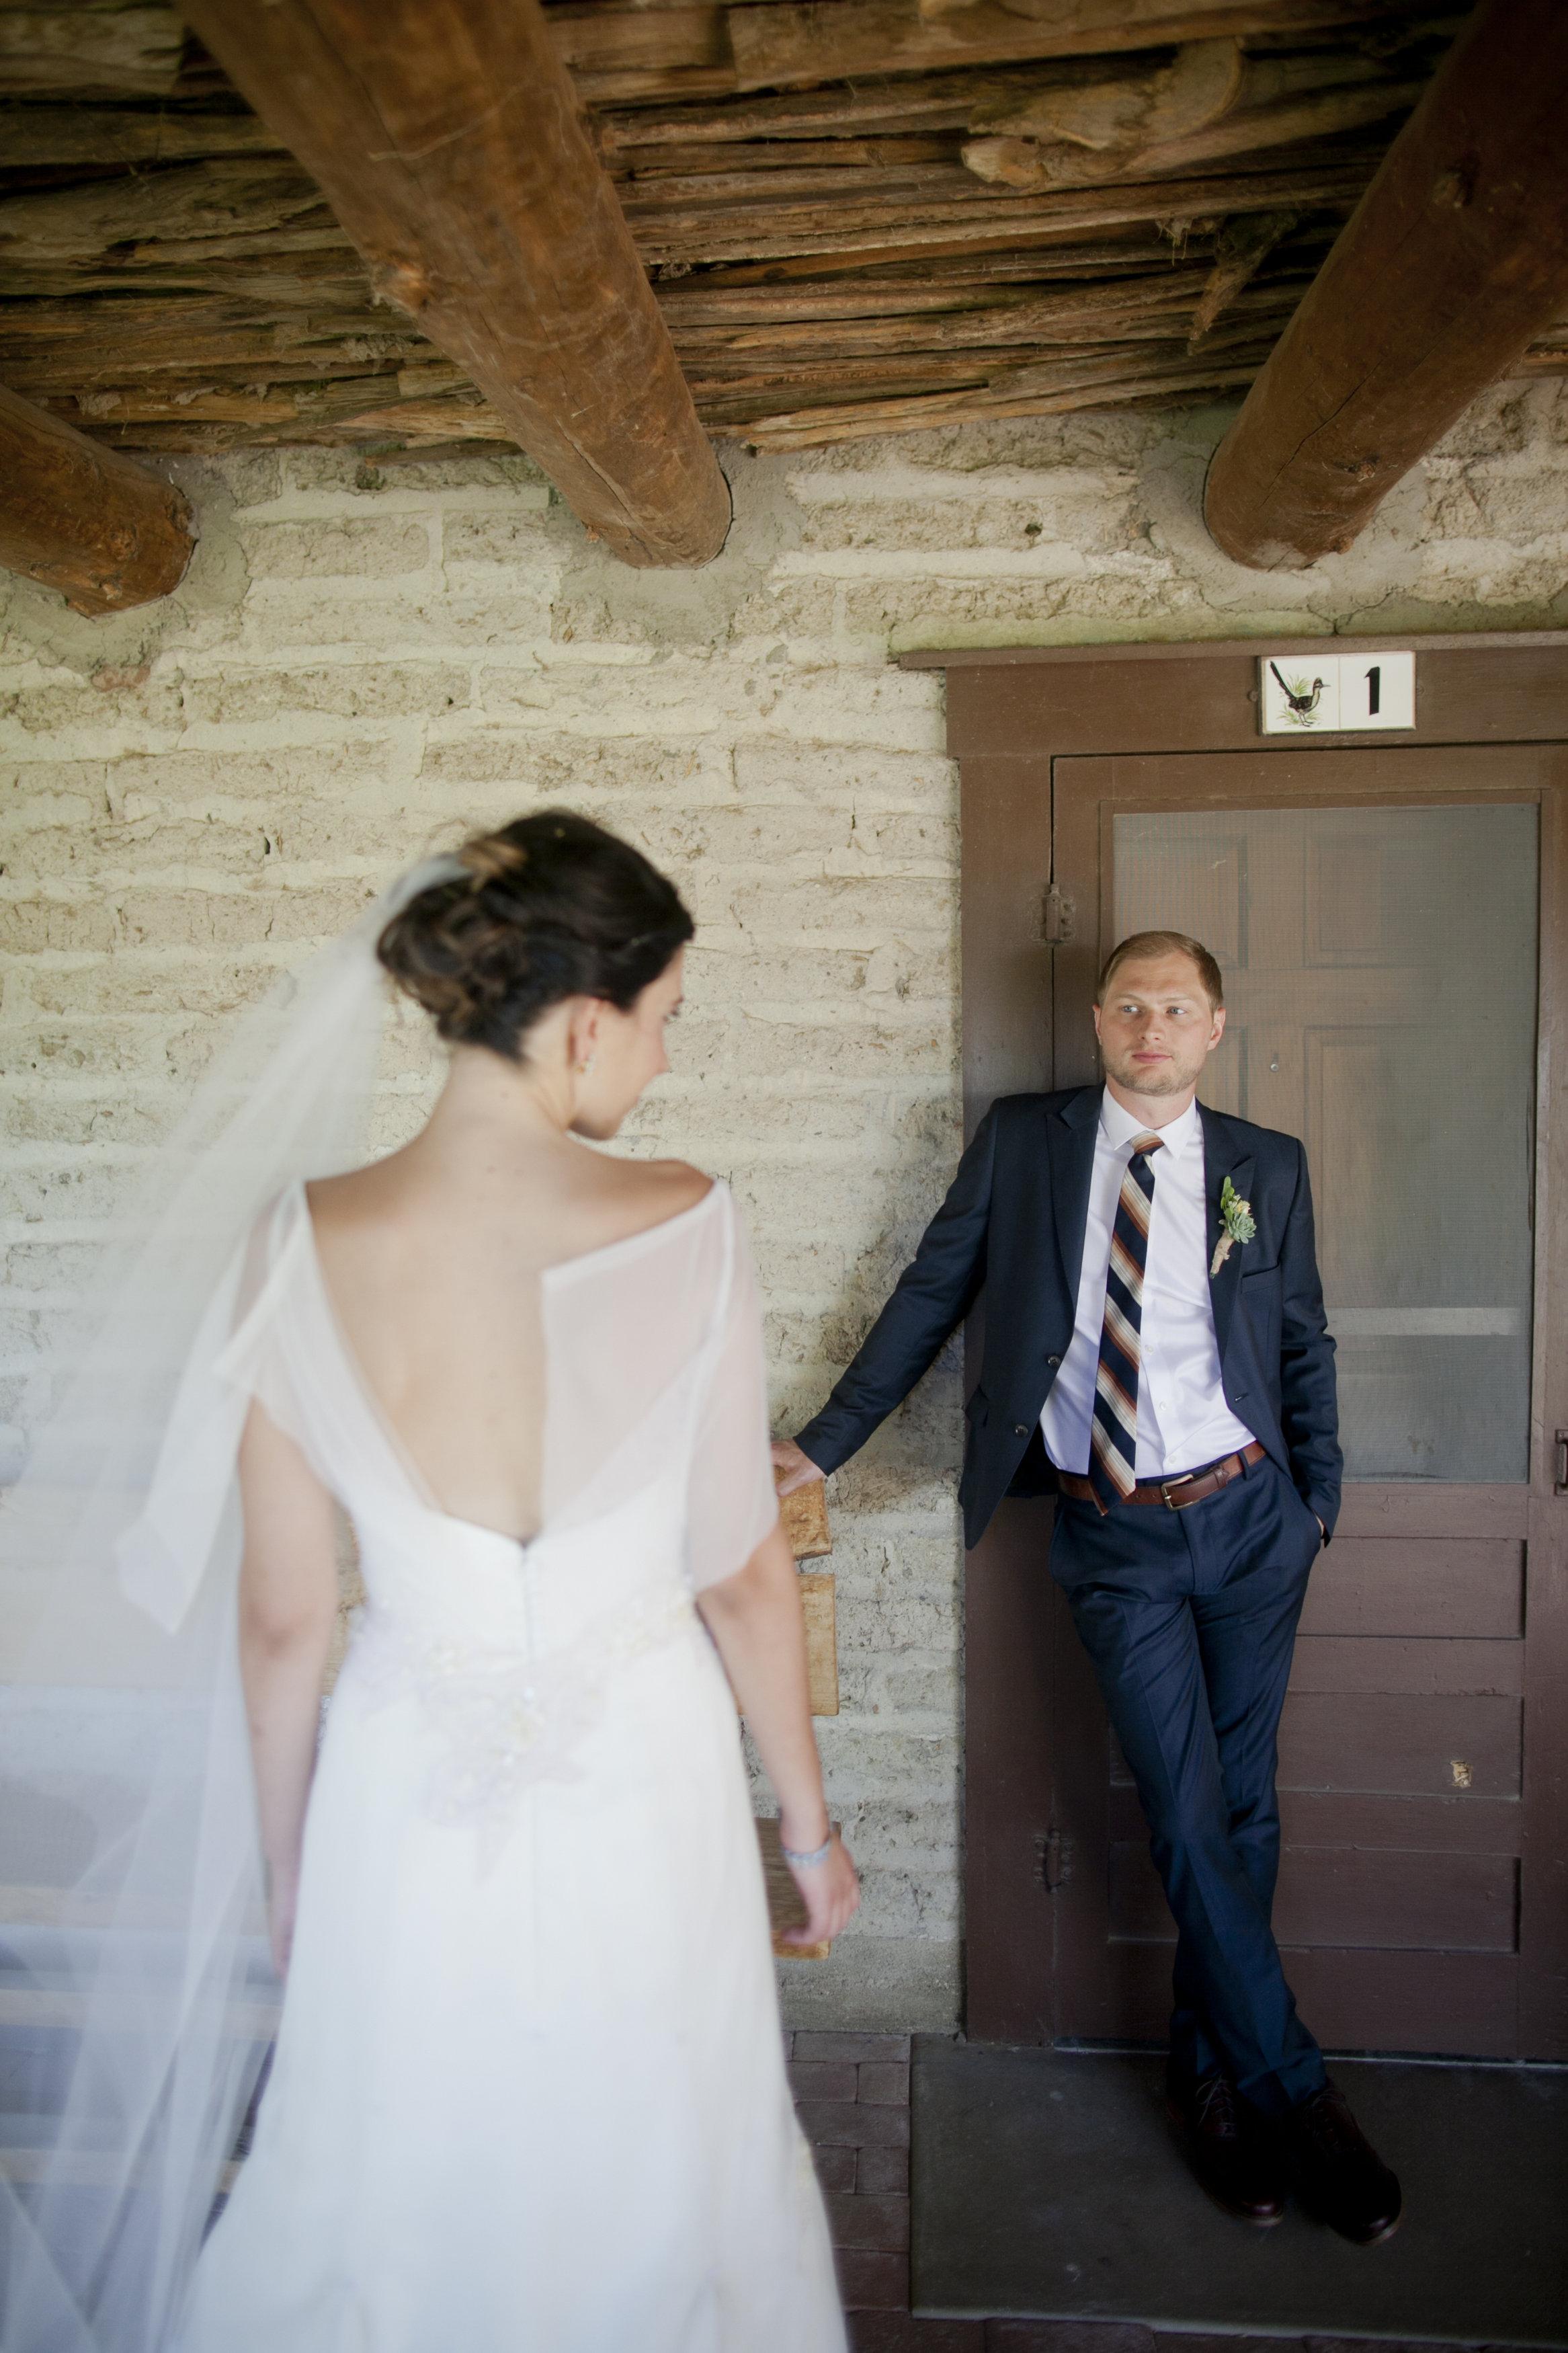 Ceci_New_York_Ceci_Style_Ceci_Johnson_Luxury_Lifestyle_Arizona_Wedding_Watercolor_Inspiration_Design_Custom_Couture_Personalized_Invitations_44.jpg